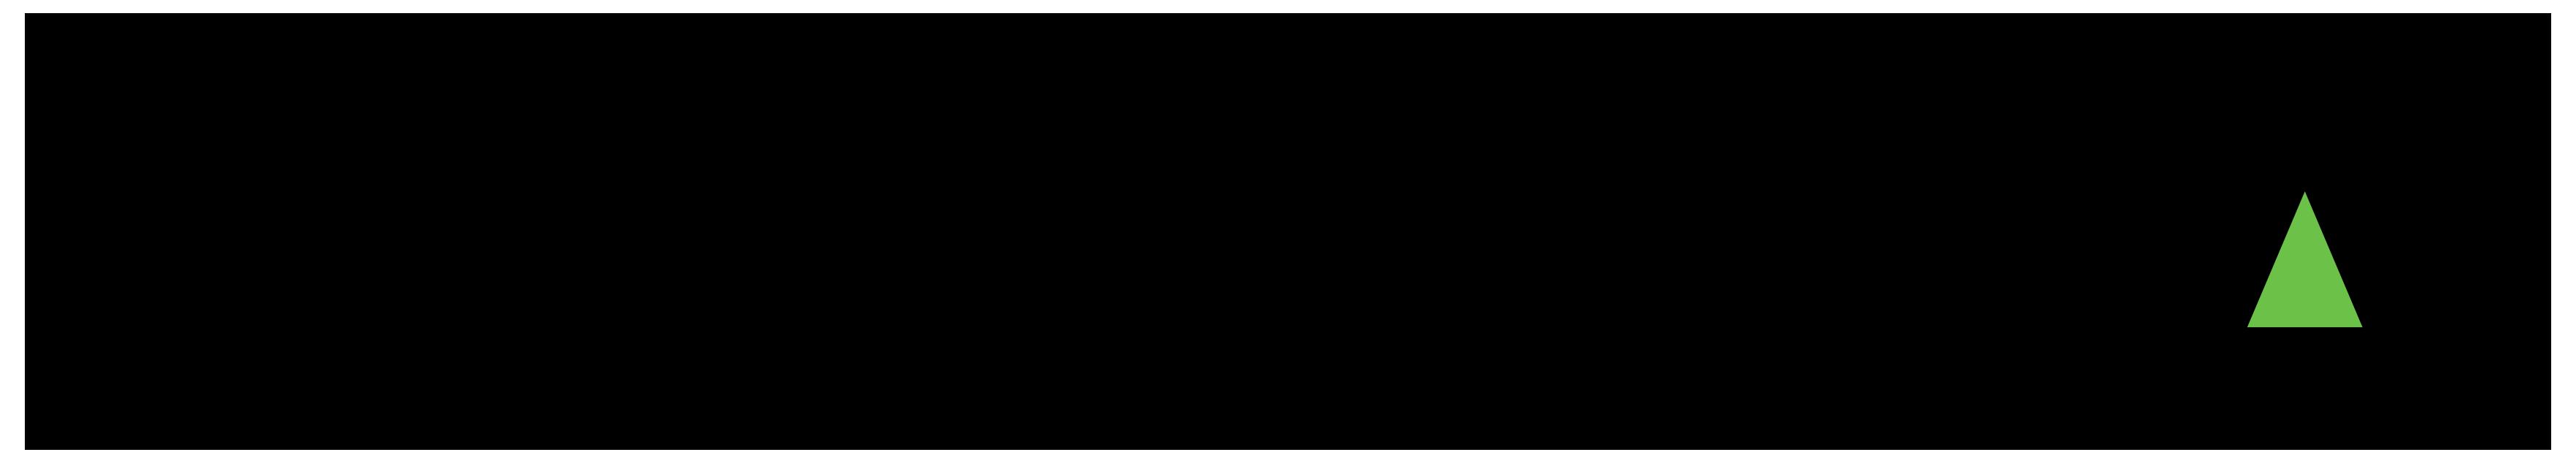 Tevora